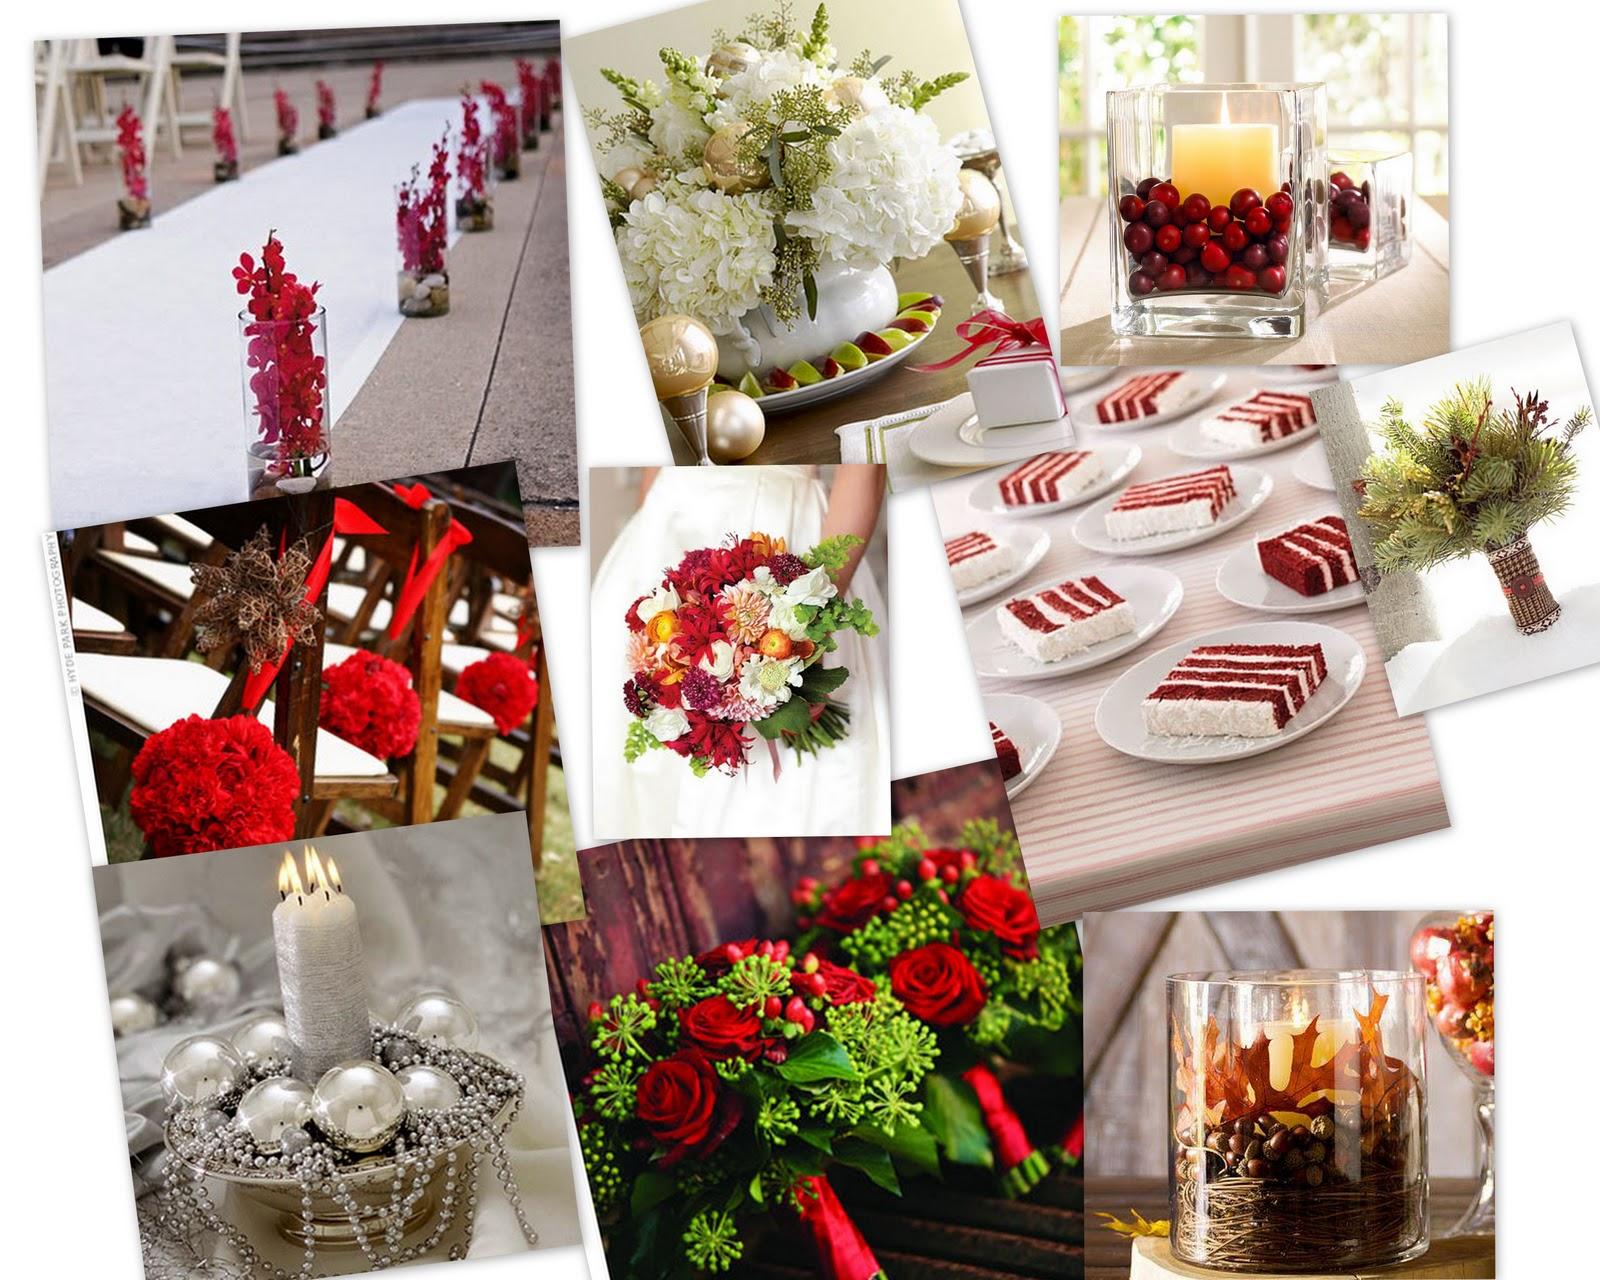 Matrimonio e un tocco di classe il matrimonio in for Decorazione giardino matrimonio